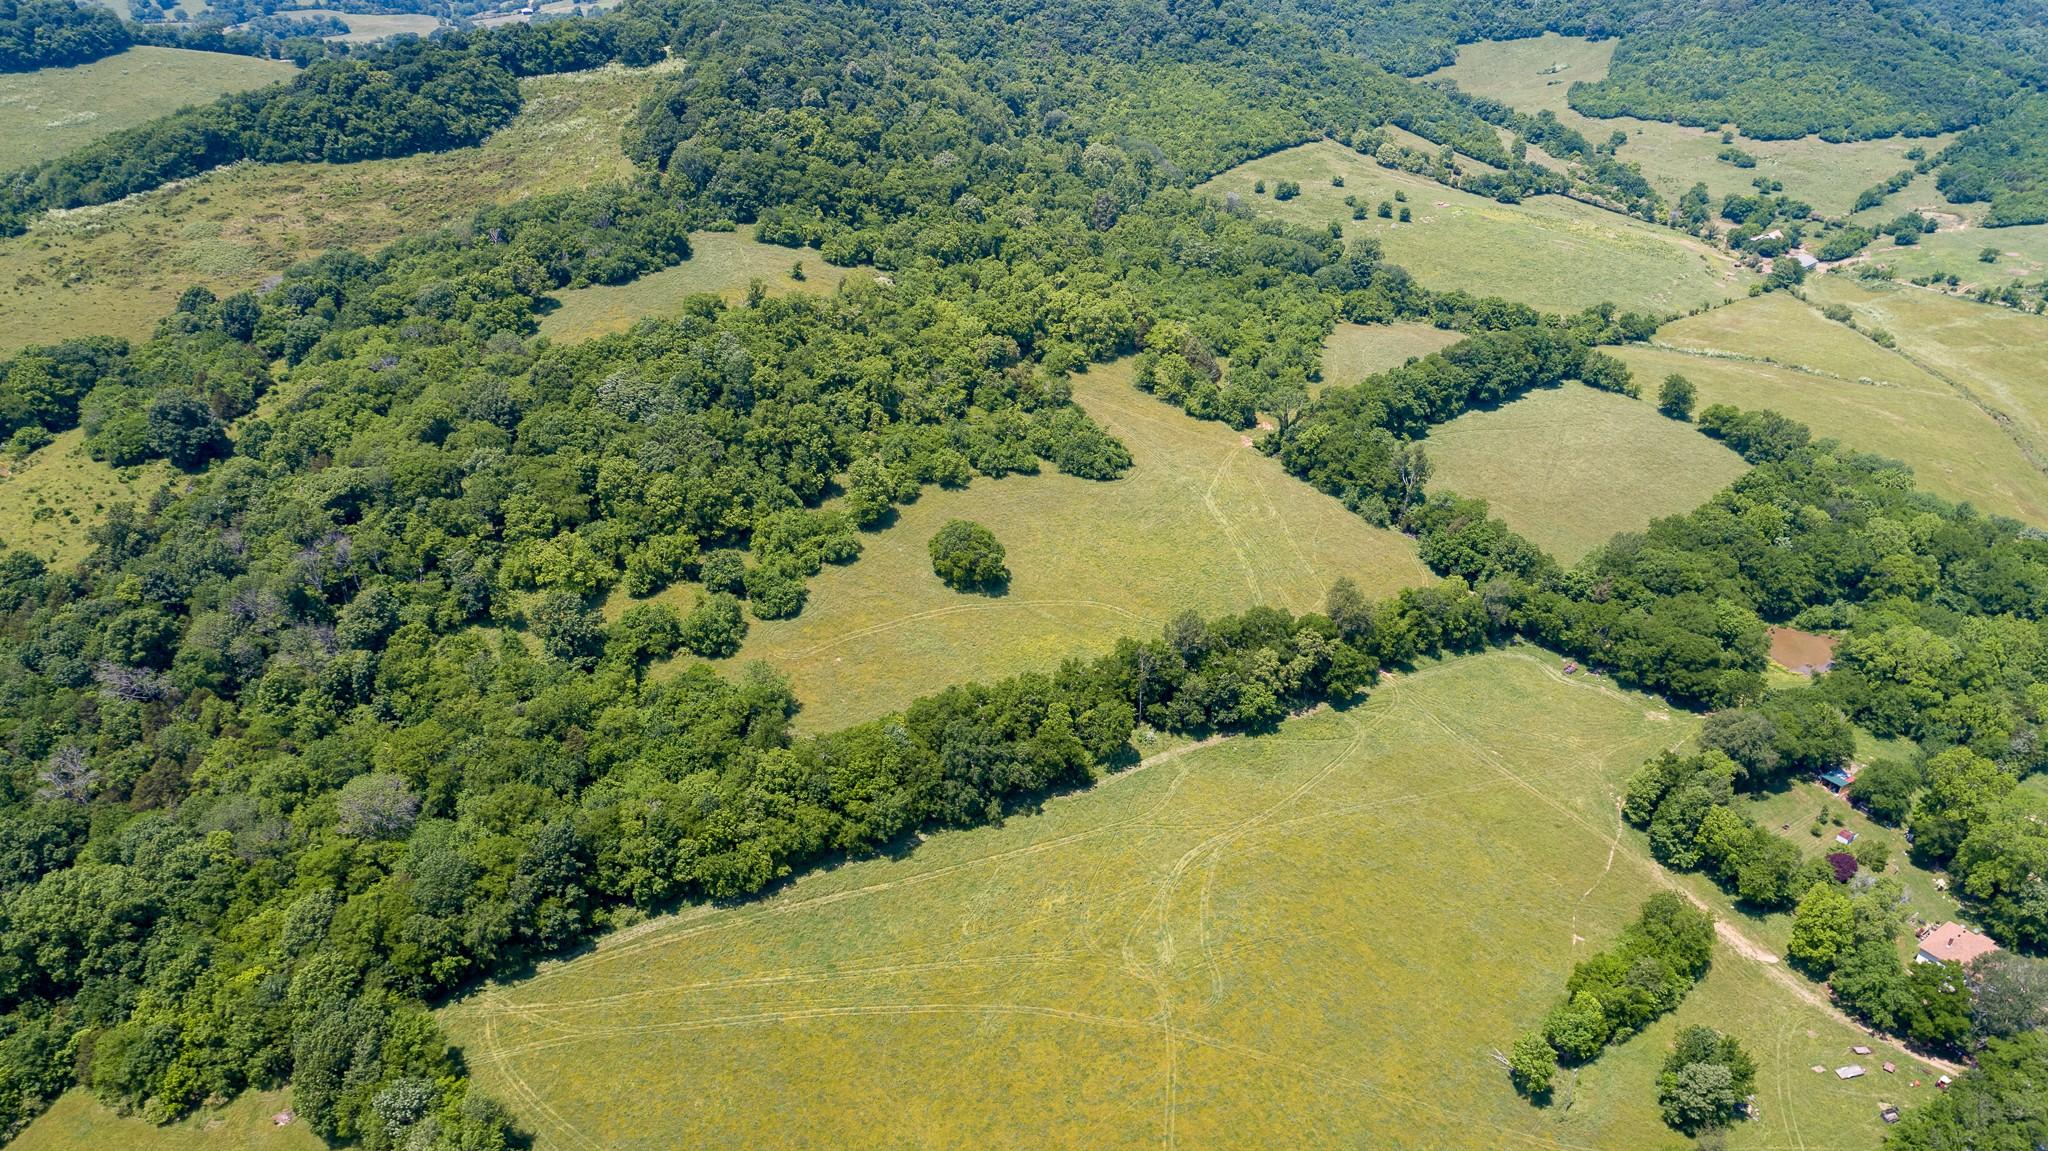 0 Bledsoe Rd, Petersburg, TN 37144 - Petersburg, TN real estate listing